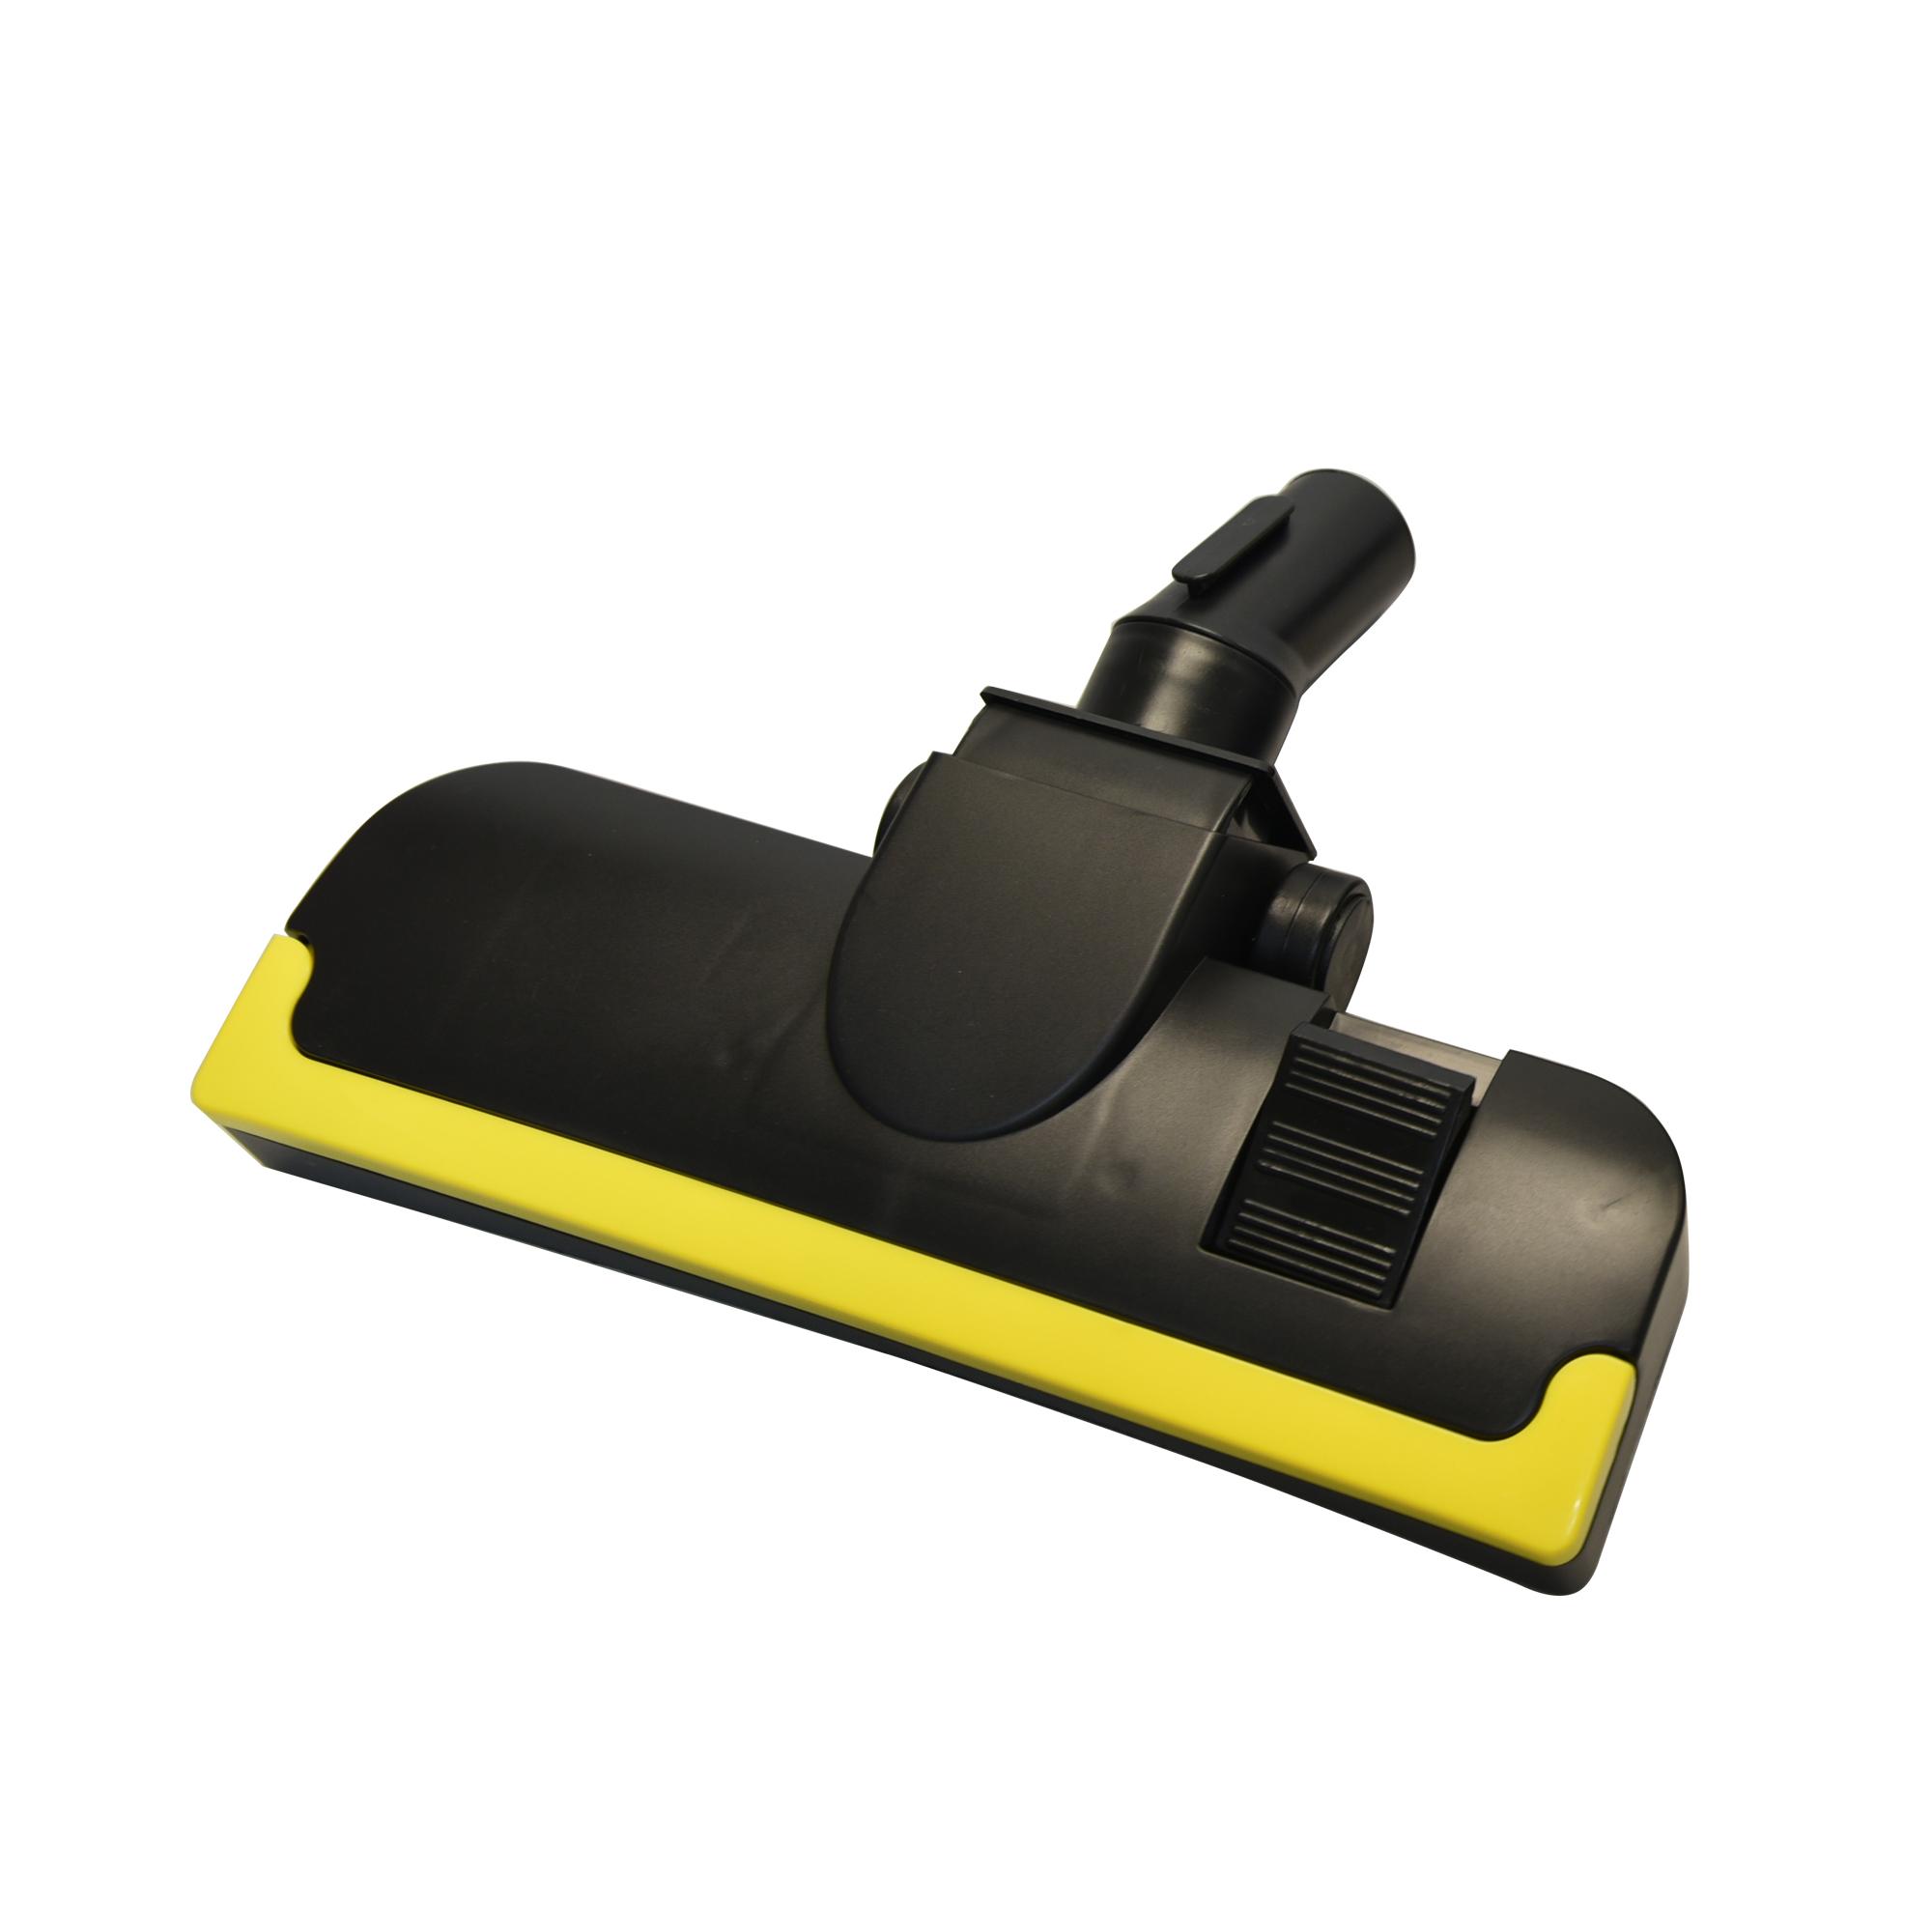 DENN VC-3218YL Accessories - Master Nozzle